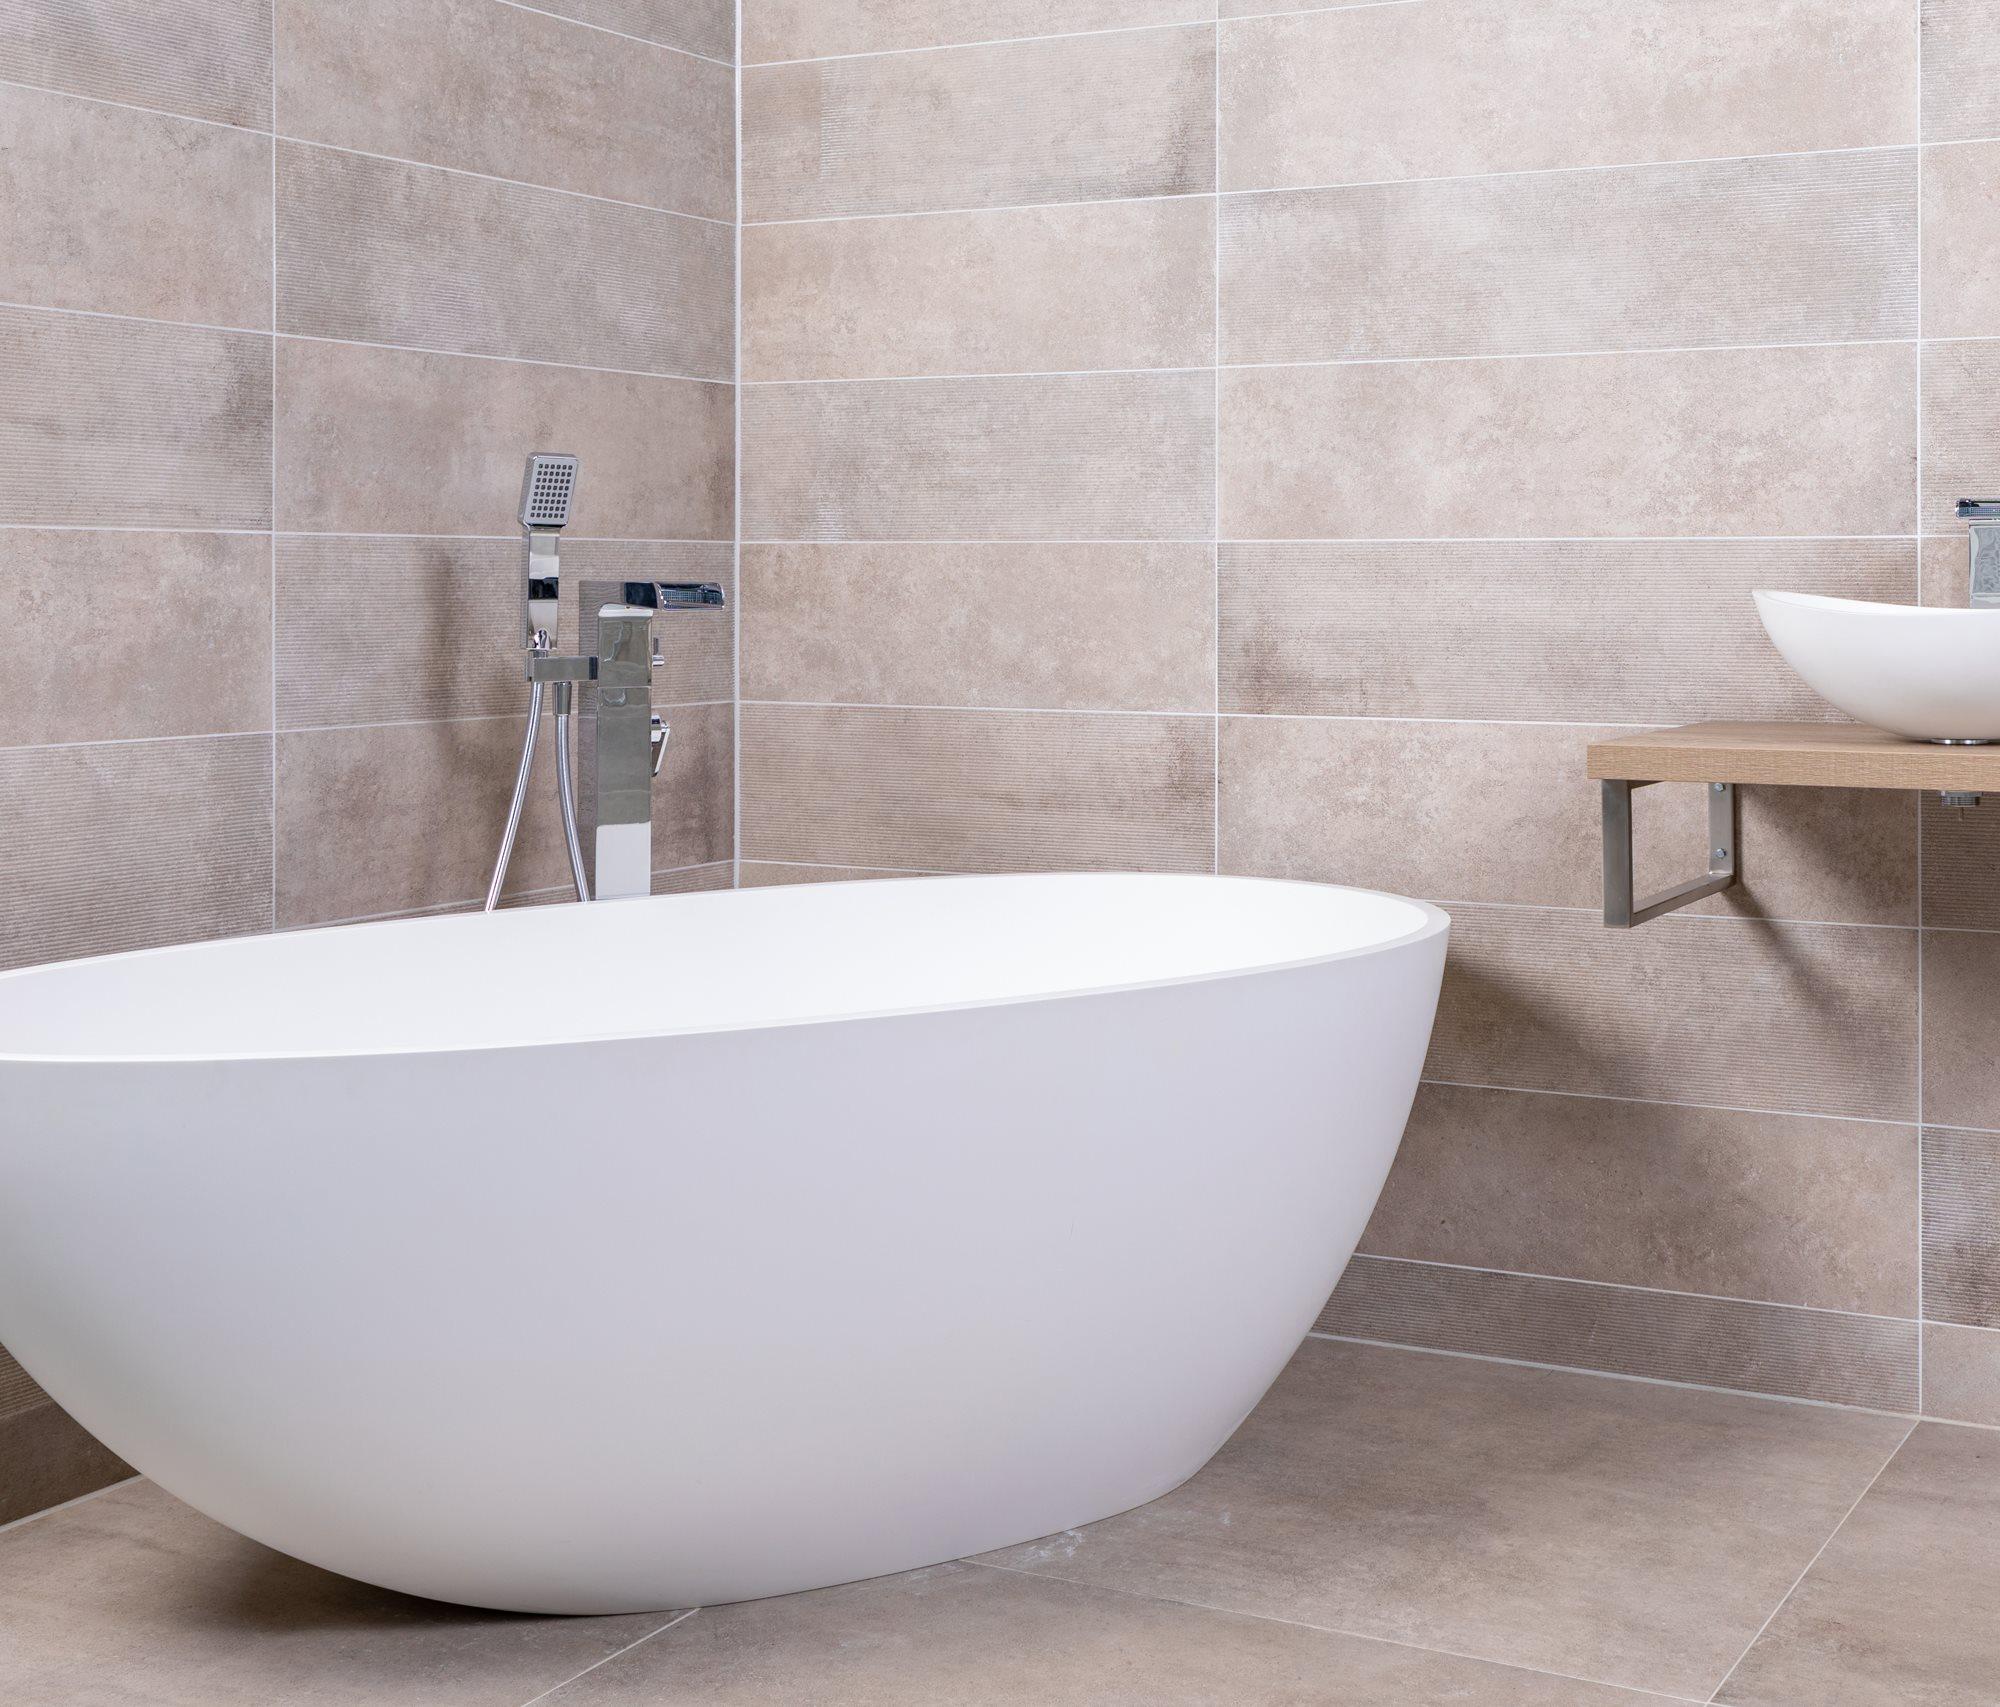 wit-vrijstaand-bad.jpg